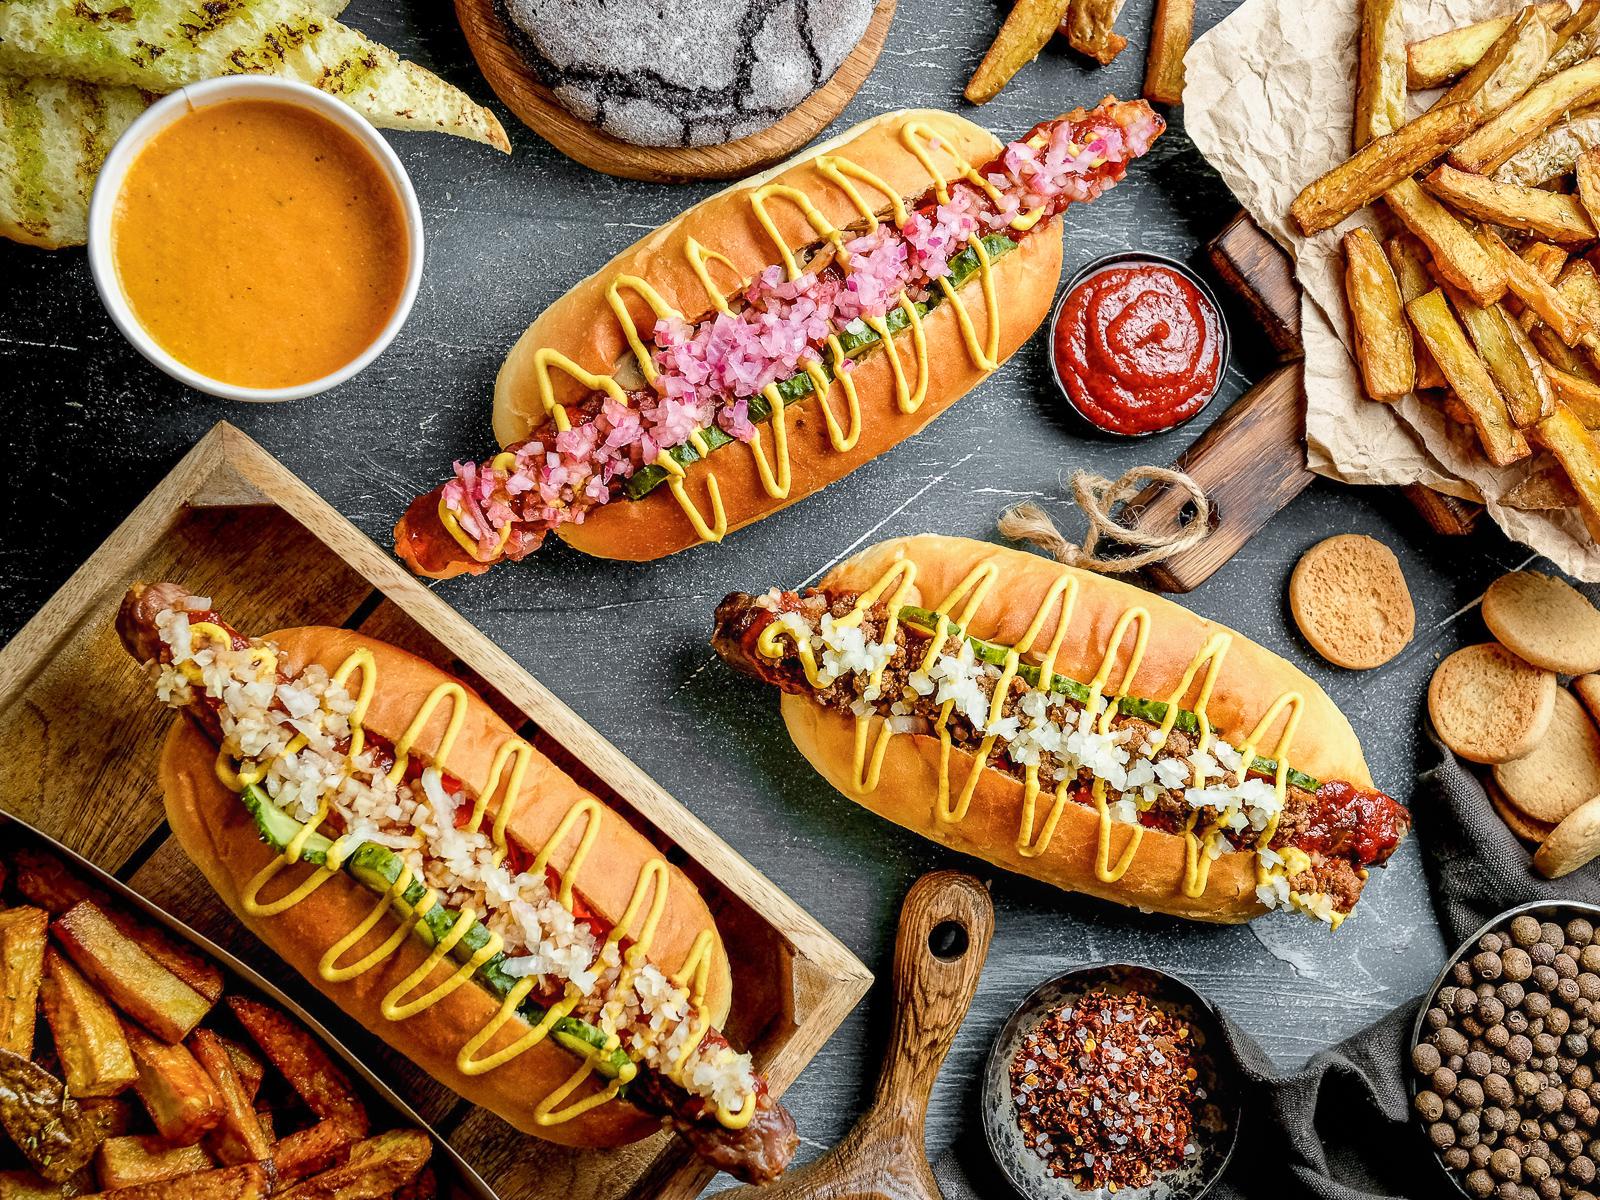 Top Hot Dog